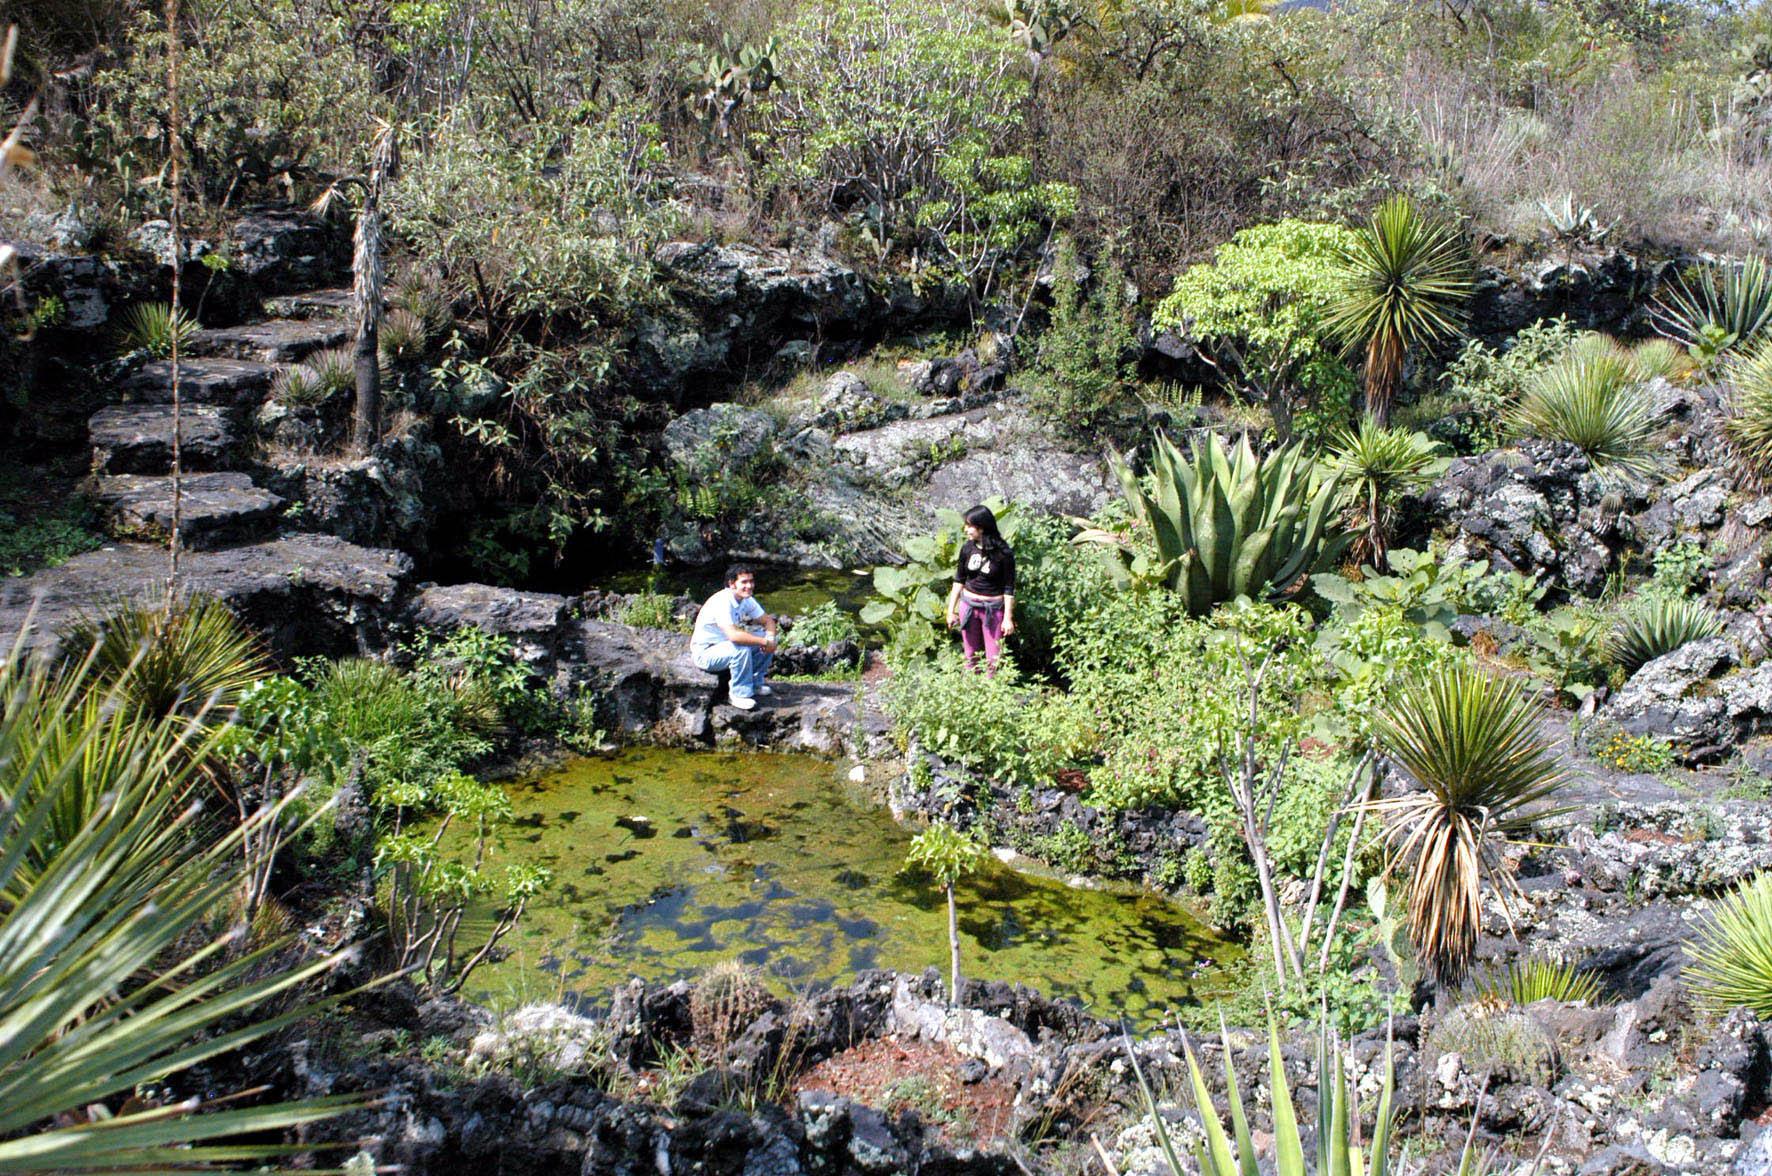 Jard n bot nico unam invita a adoptar plantas en riesgo de for Jardin botanico unam 2015